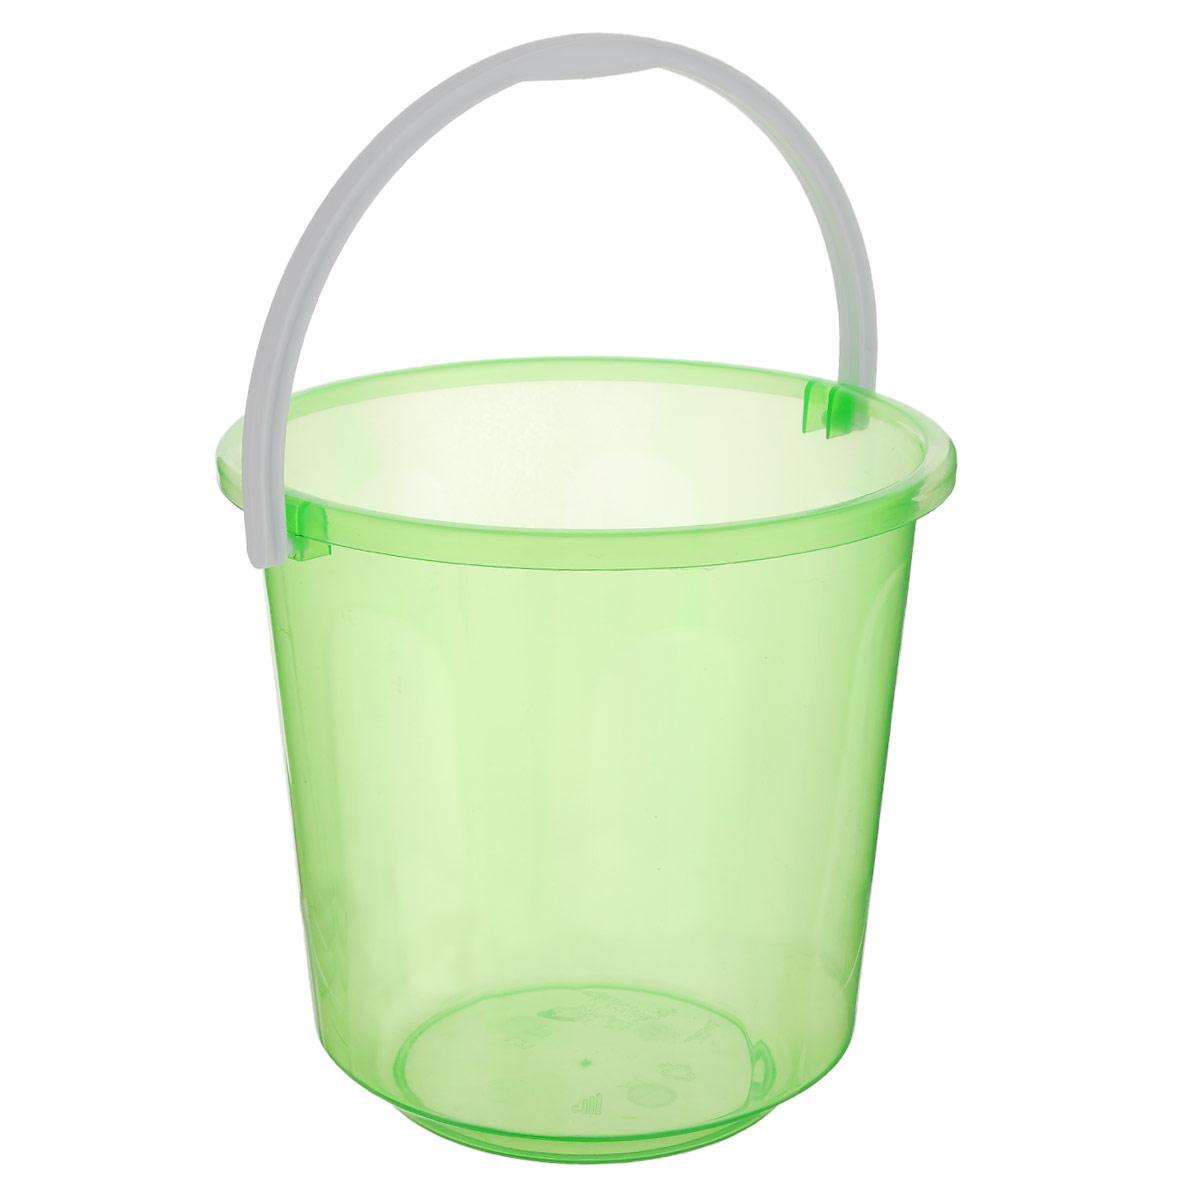 Ведро Альтернатива Хозяюшка, цвет: зеленый, 5 лМ1182_зеленыйВедро Альтернатива Хозяюшка изготовлено из высококачественного цветного пластика. Оно легче железного и не подвержено коррозии. Ведро оснащено удобной пластиковой ручкой.Такое ведро станет незаменимым помощником в хозяйстве.Высота: 21 см.Диаметр: 21 см.